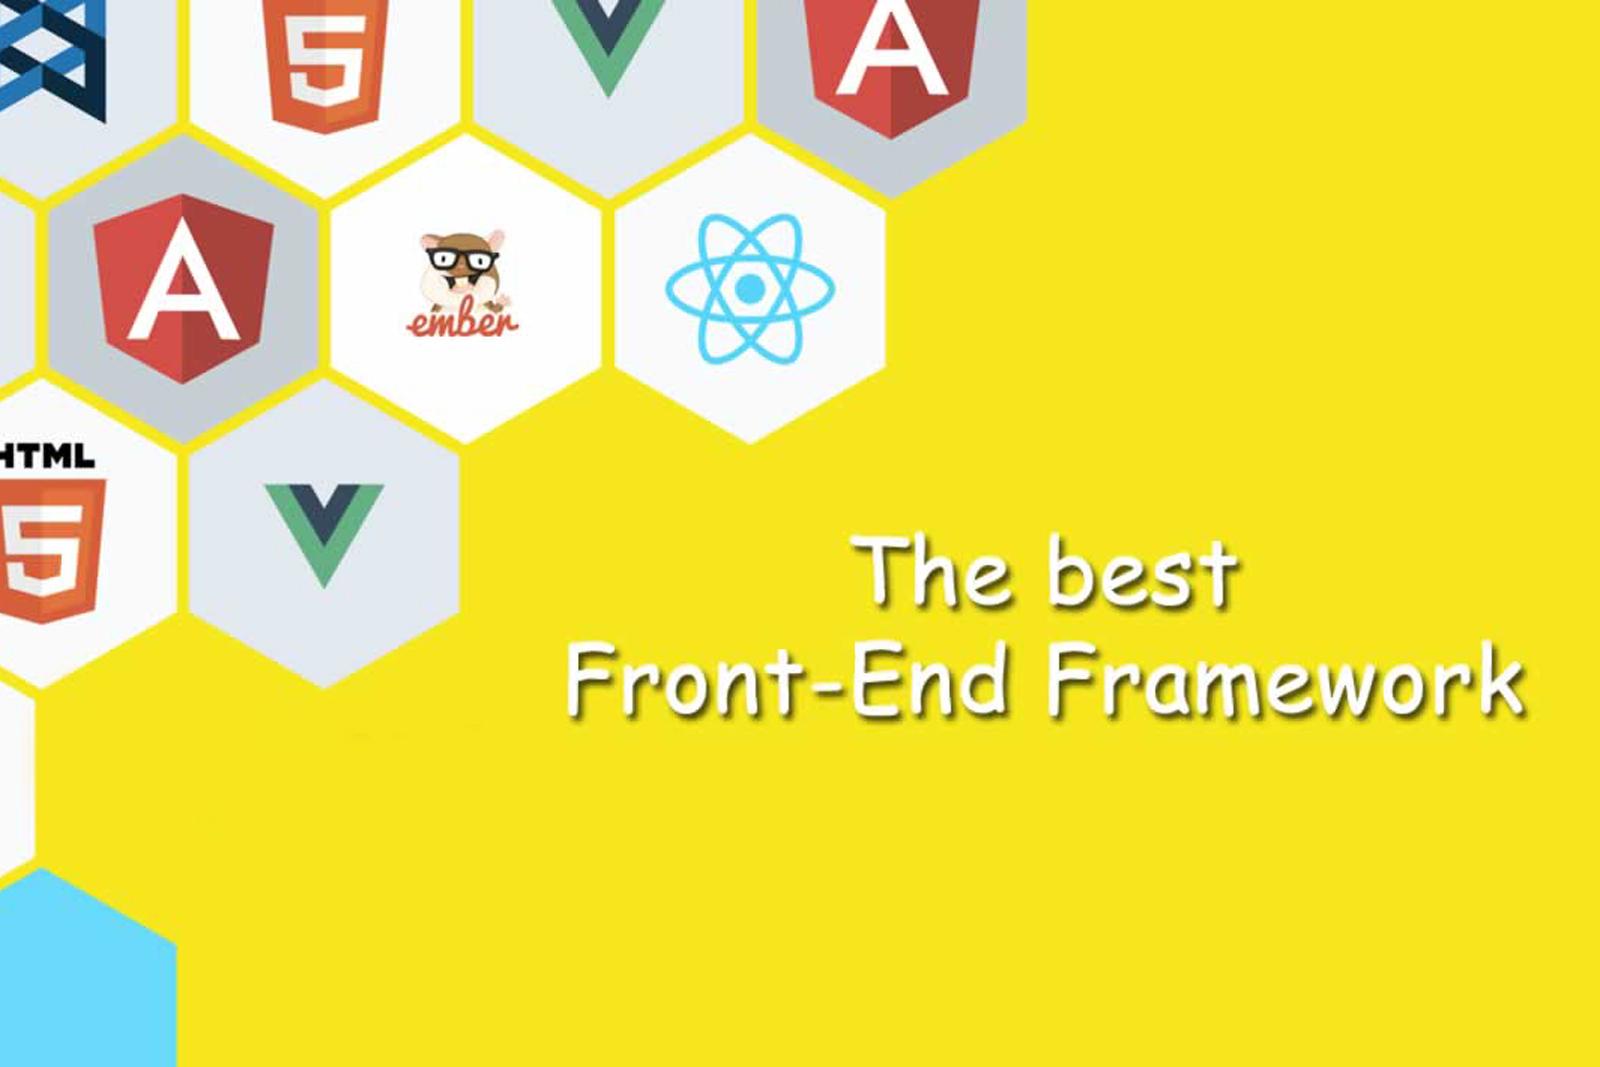 Bộ sưu tập 10 Front-End Framework chất lừ